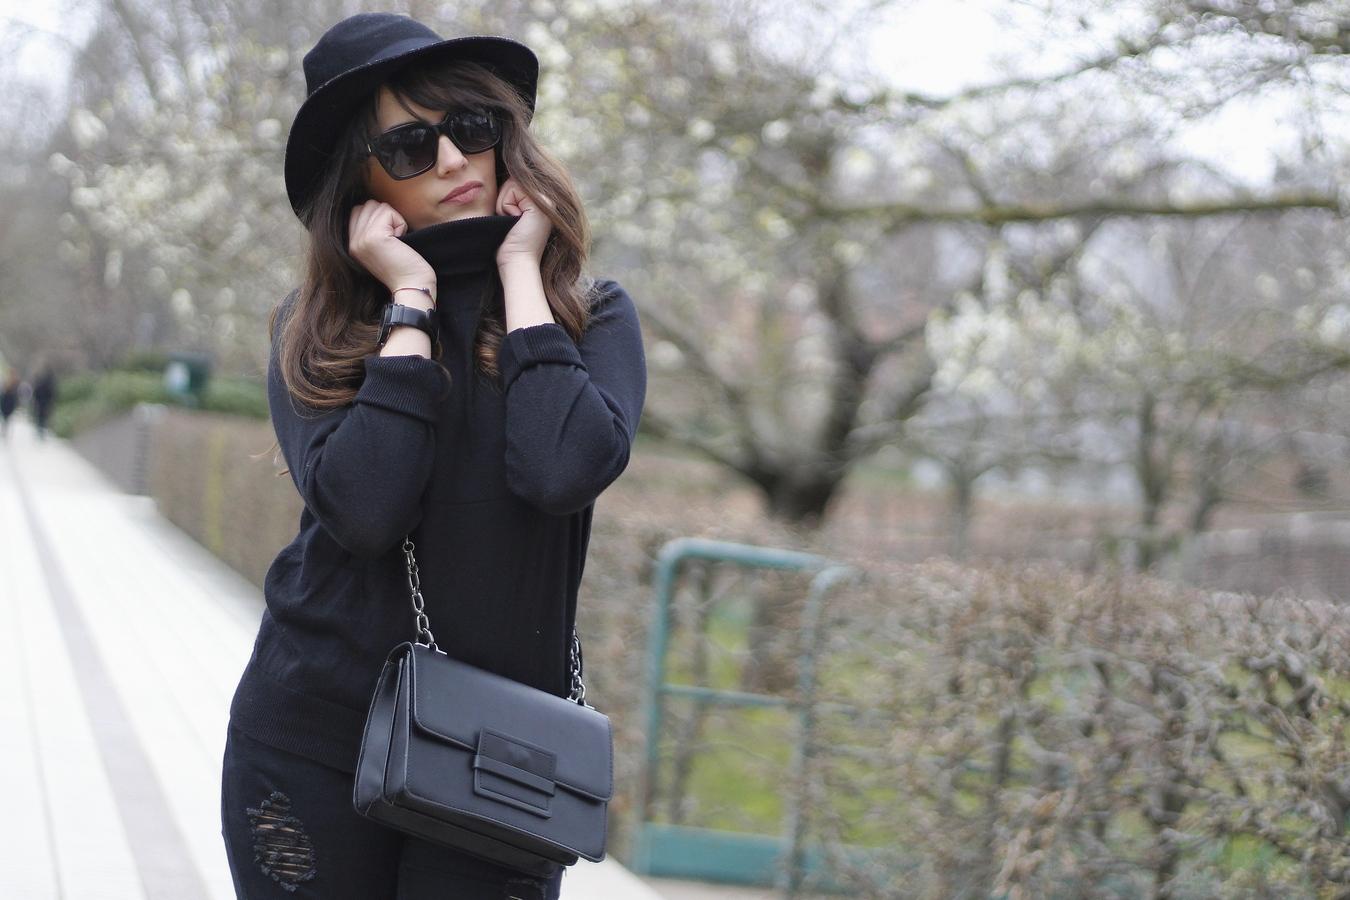 Blog mode femme Paris - Du style, Madame - Streetstyle - les colonnes de sarah - black outfit